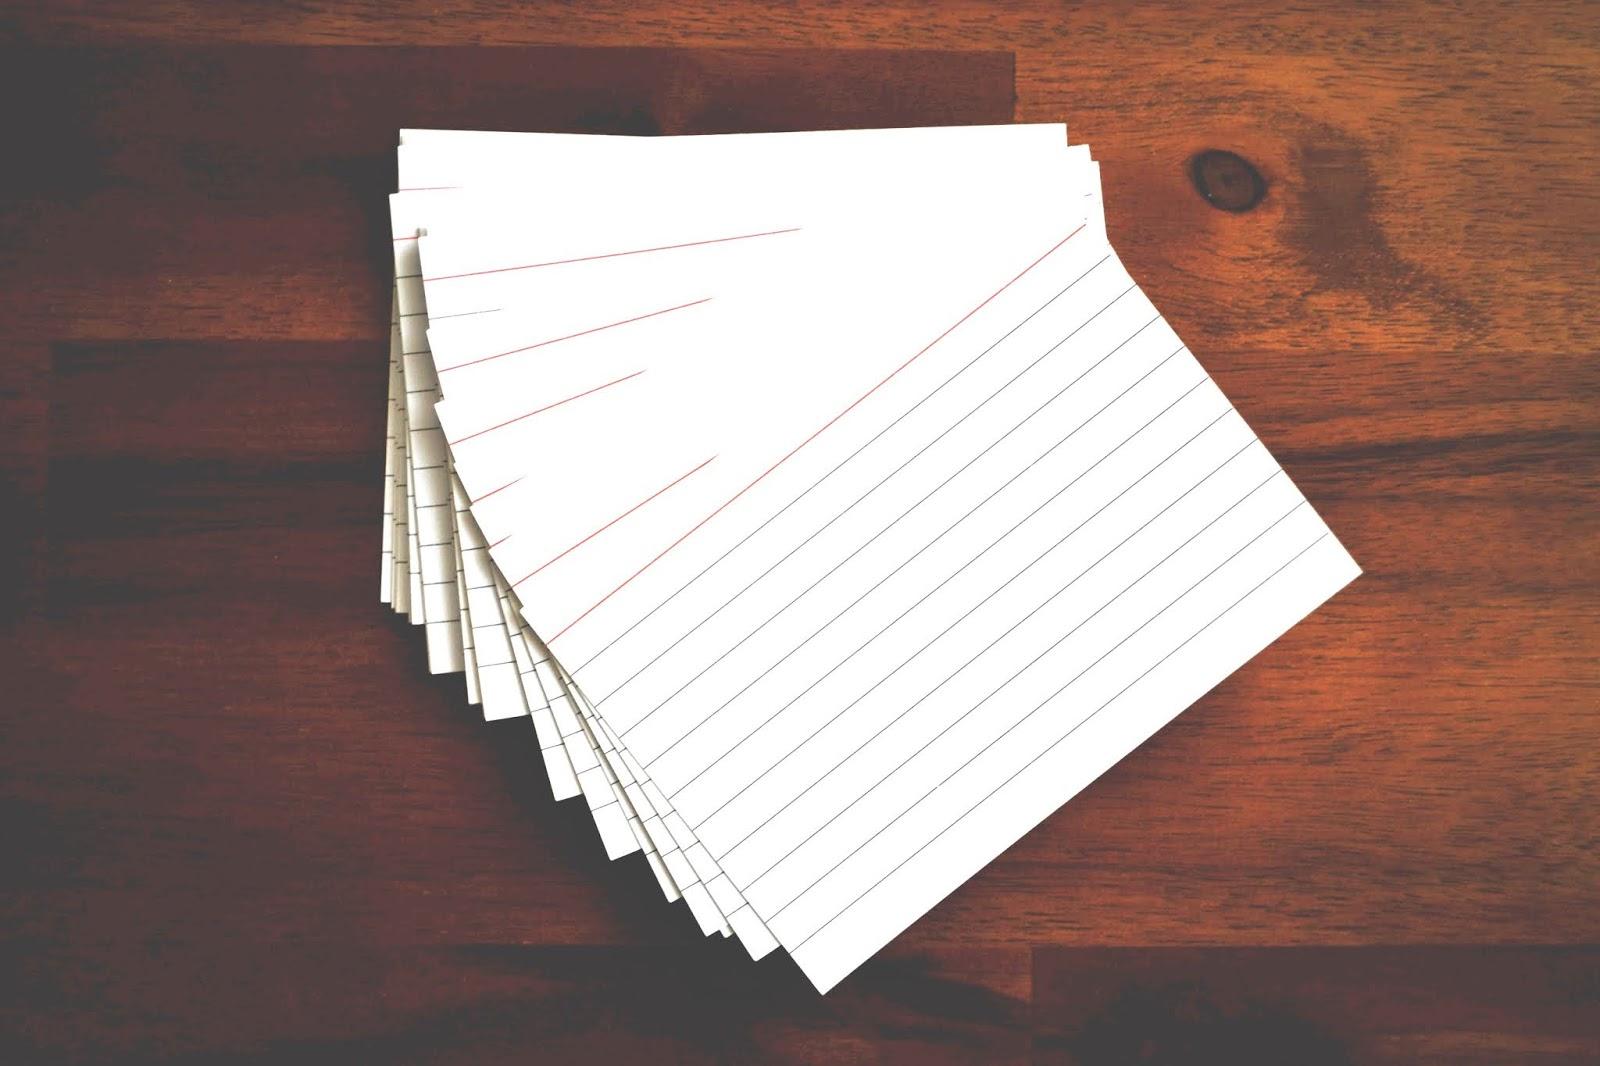 कागज कैसे बनाया जाता है?